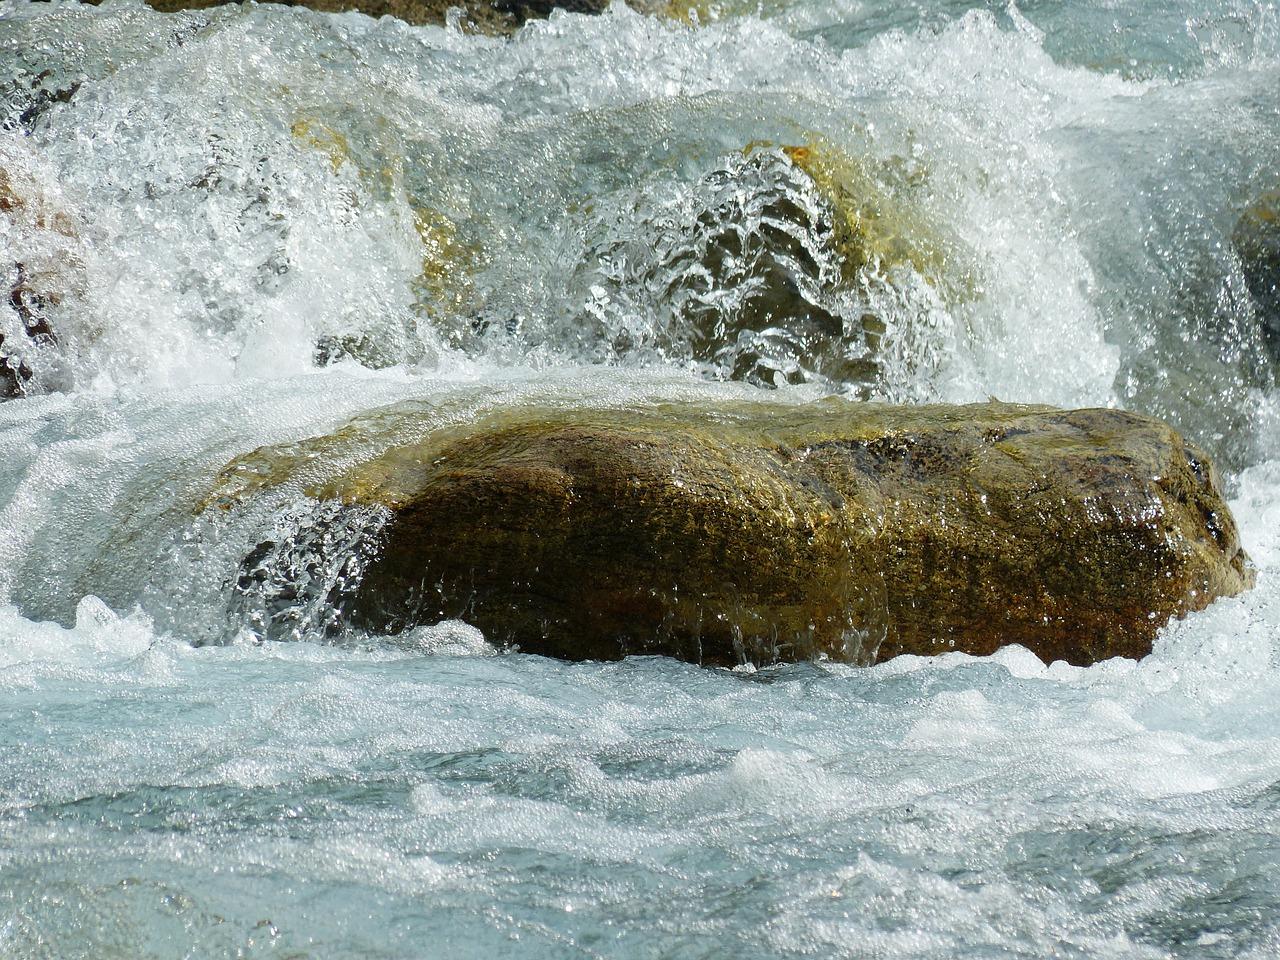 Как образуются камни в природе, откуда они берутся и из чего состоят?